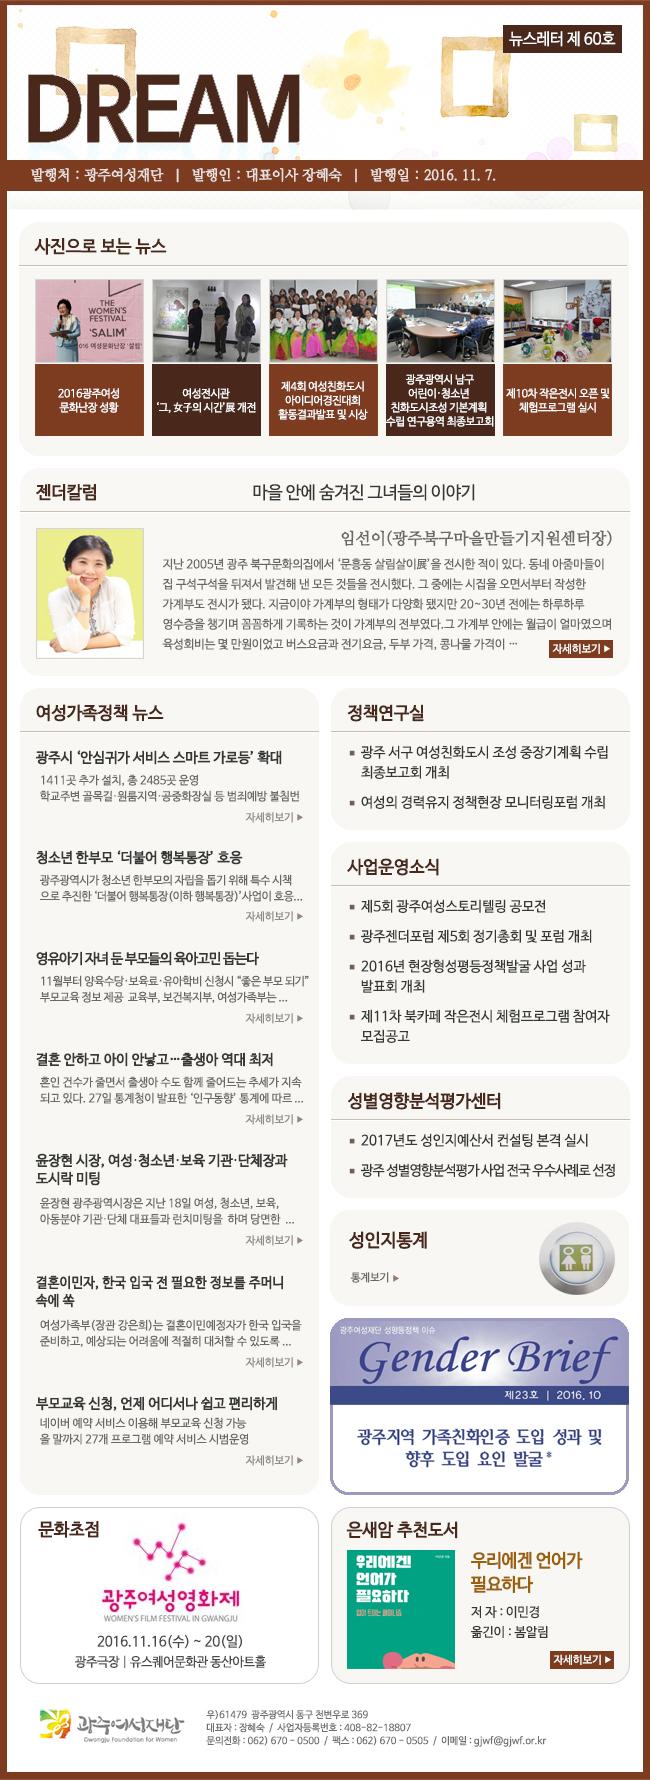 뉴스레터 드림 60호(16.11월) 썸네일